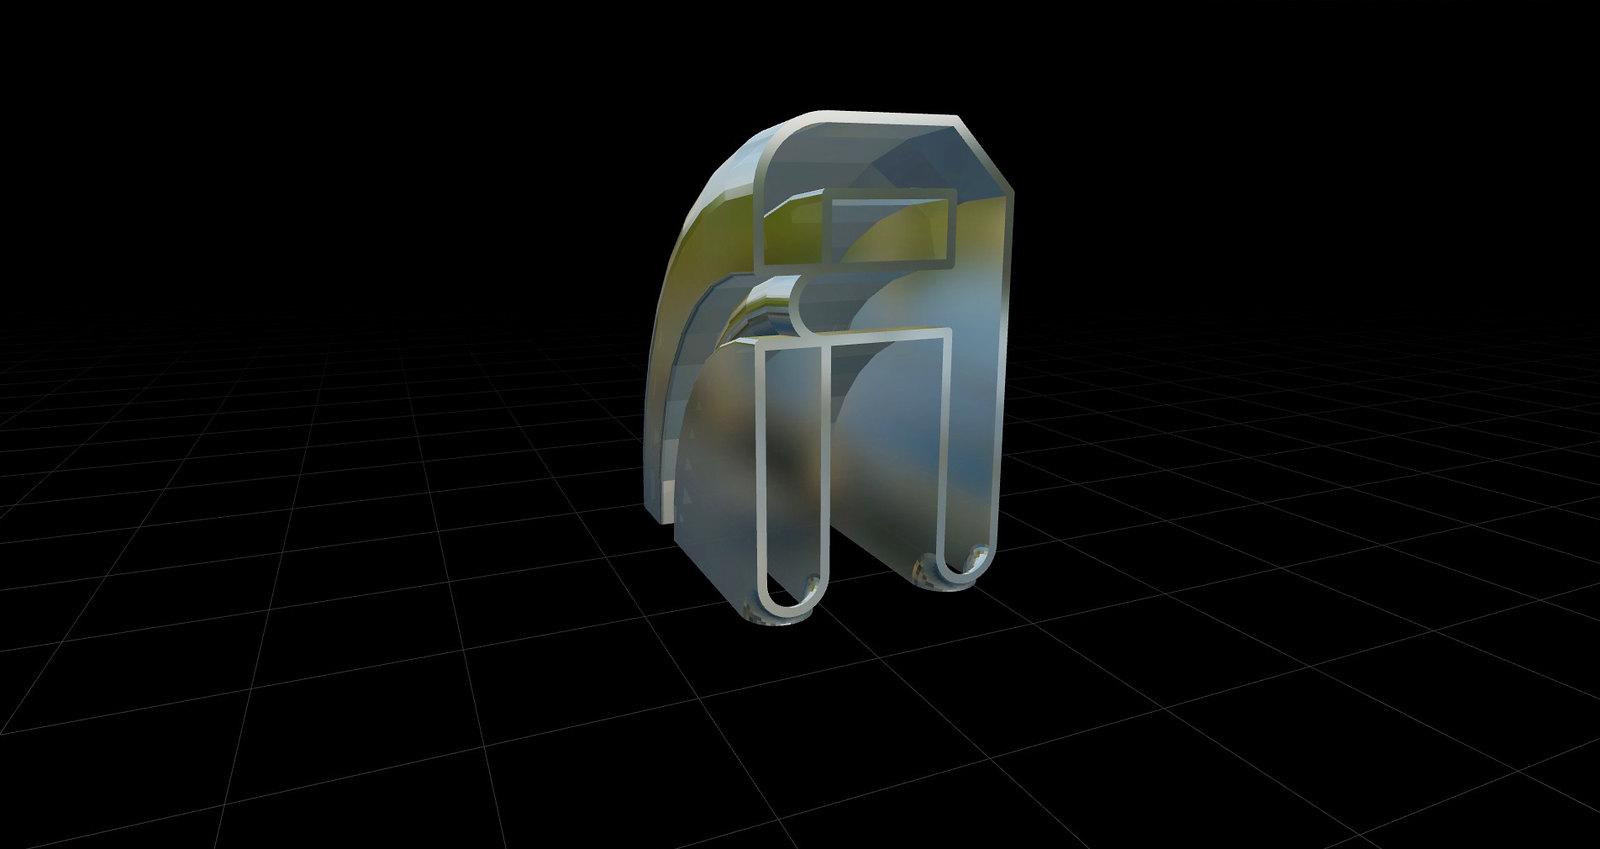 Caracteres tipográficos 3D letra A